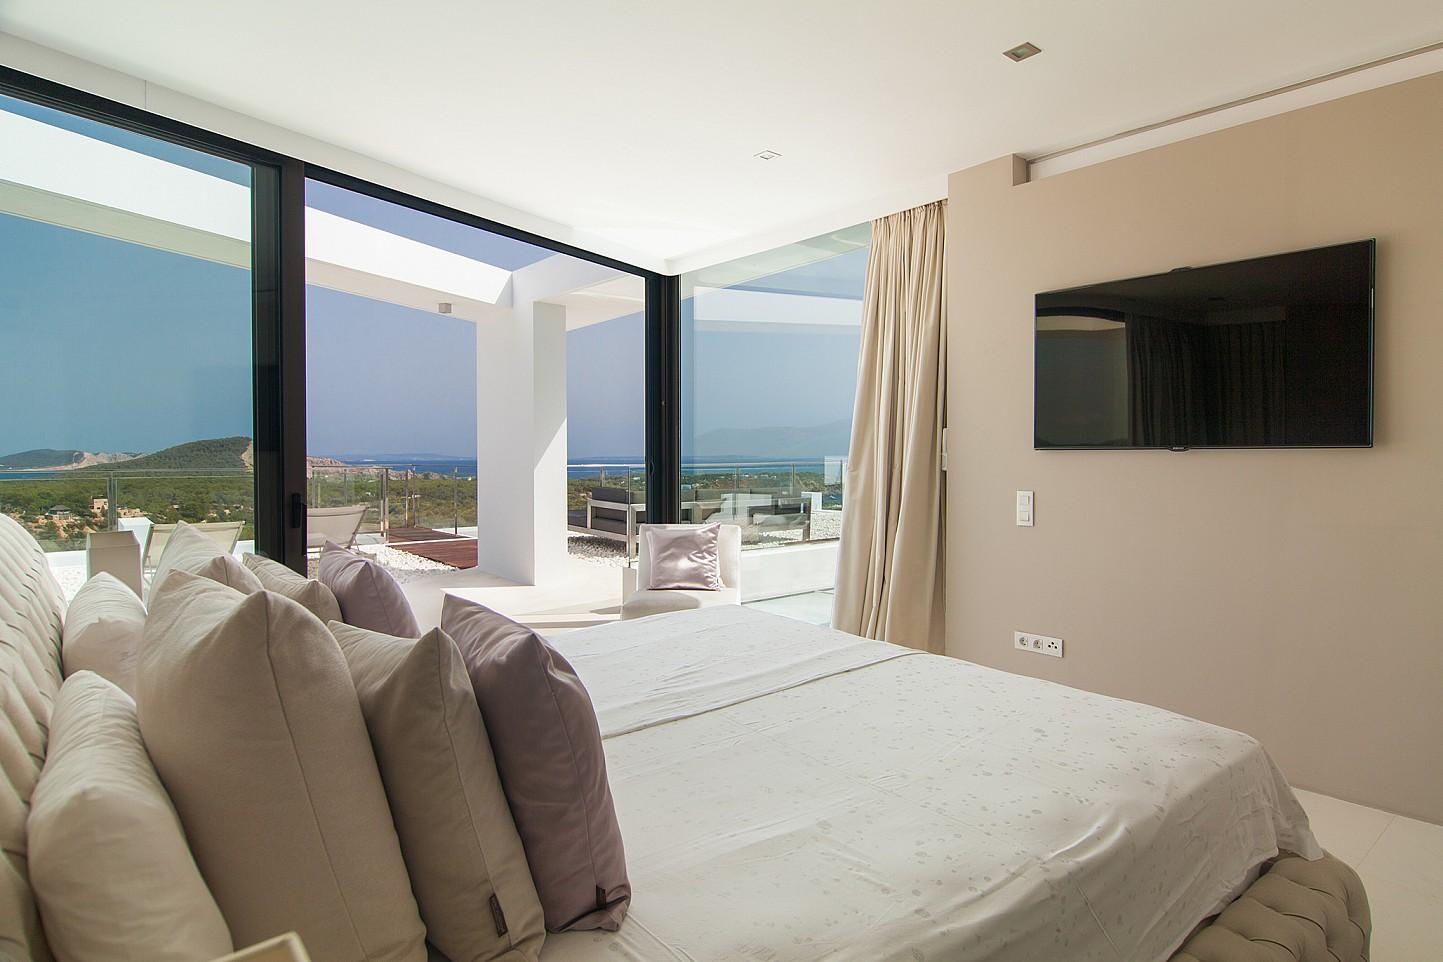 Dormitorio con acceso al exterior